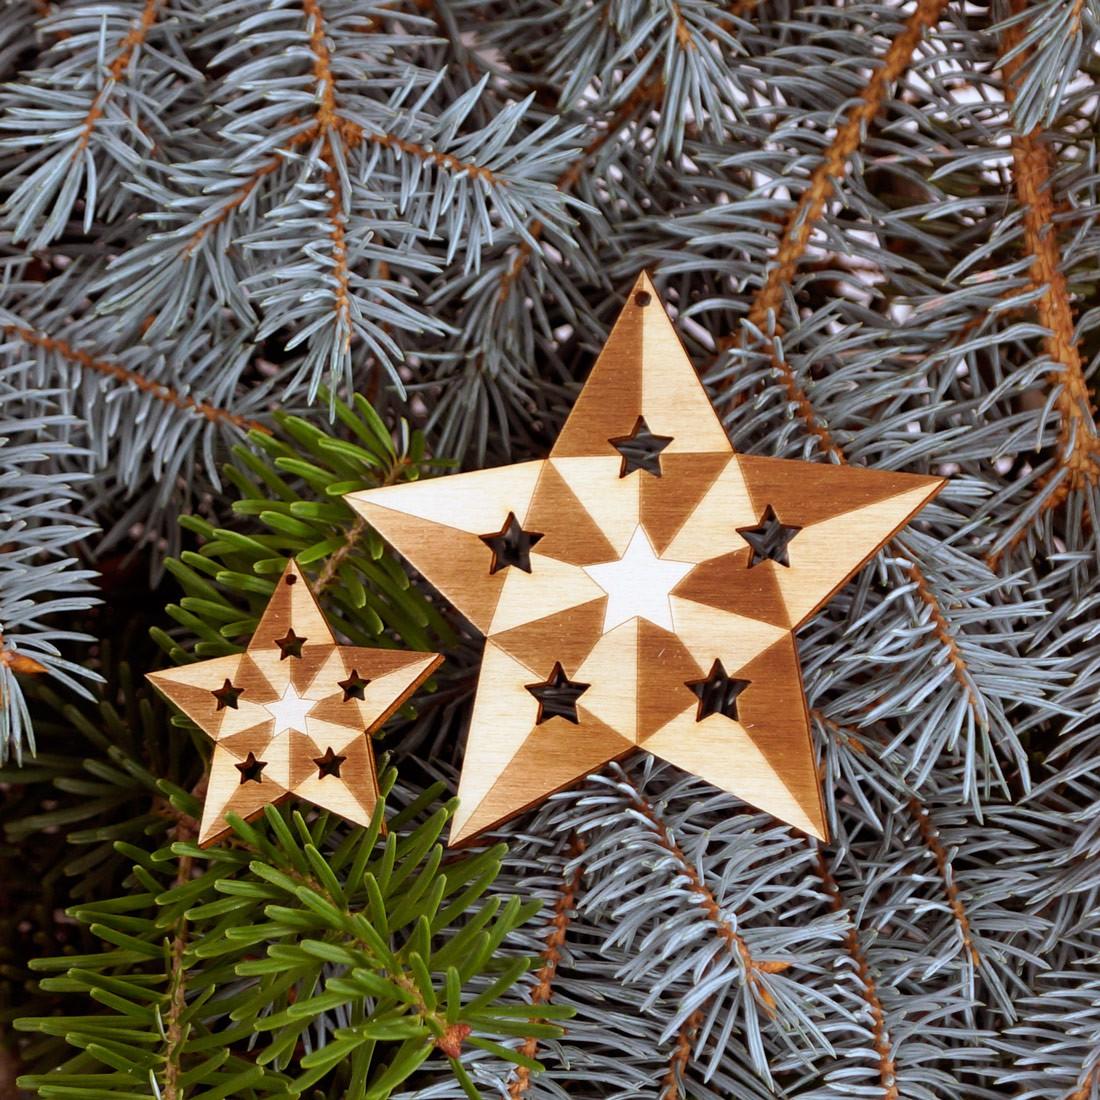 Baumschmuck 2er Sets 5 armige Sterne graviert Baumbehang - Deko aus Holz für Weihnachten